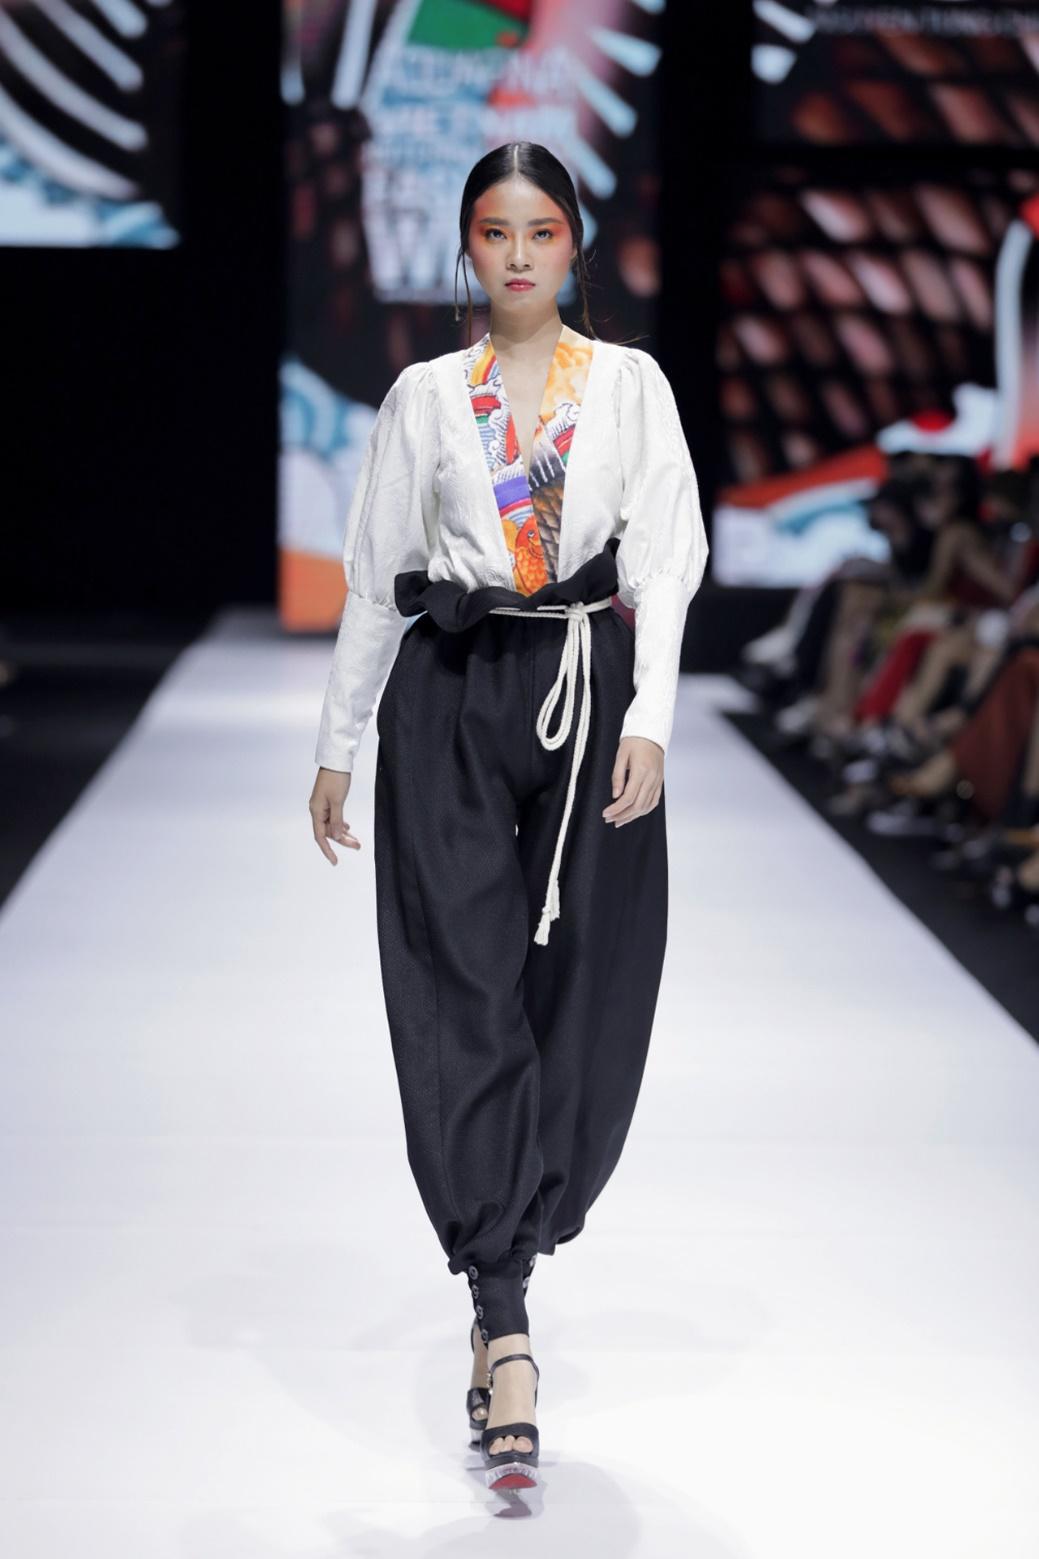 Góp mặt tại sự kiện thời trang Việt toàn lão làng, 3 NTK trẻ này vẫn thể hiện được chất riêng không trộn lẫn - Ảnh 7.